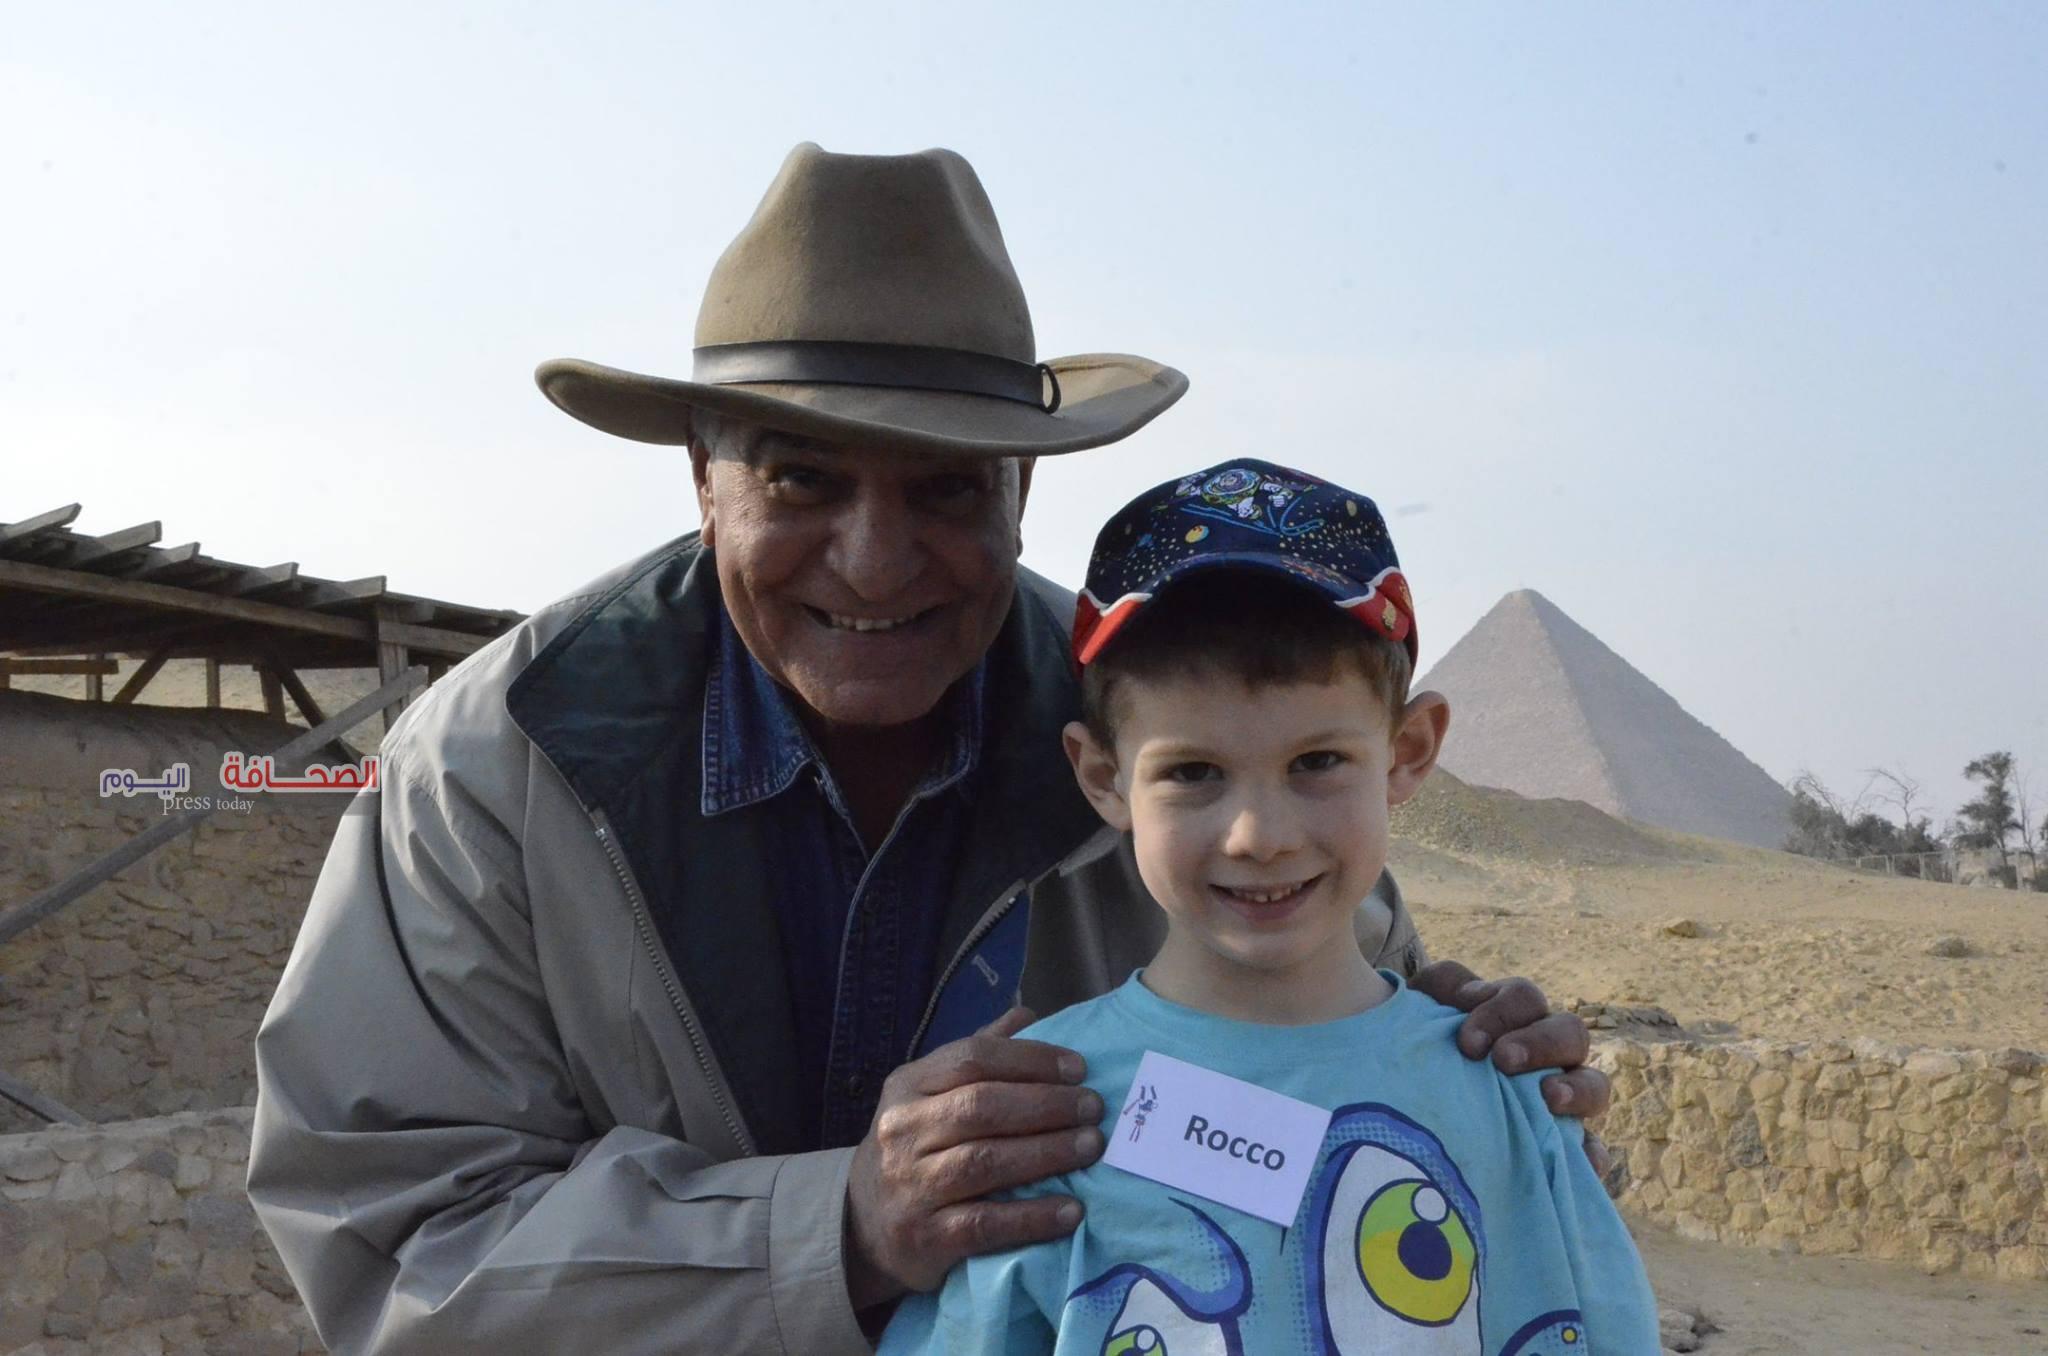 بالصور .. د.زاهى حواس يستقبل طفل أمريكى عاشق للحضارة الفرعونية